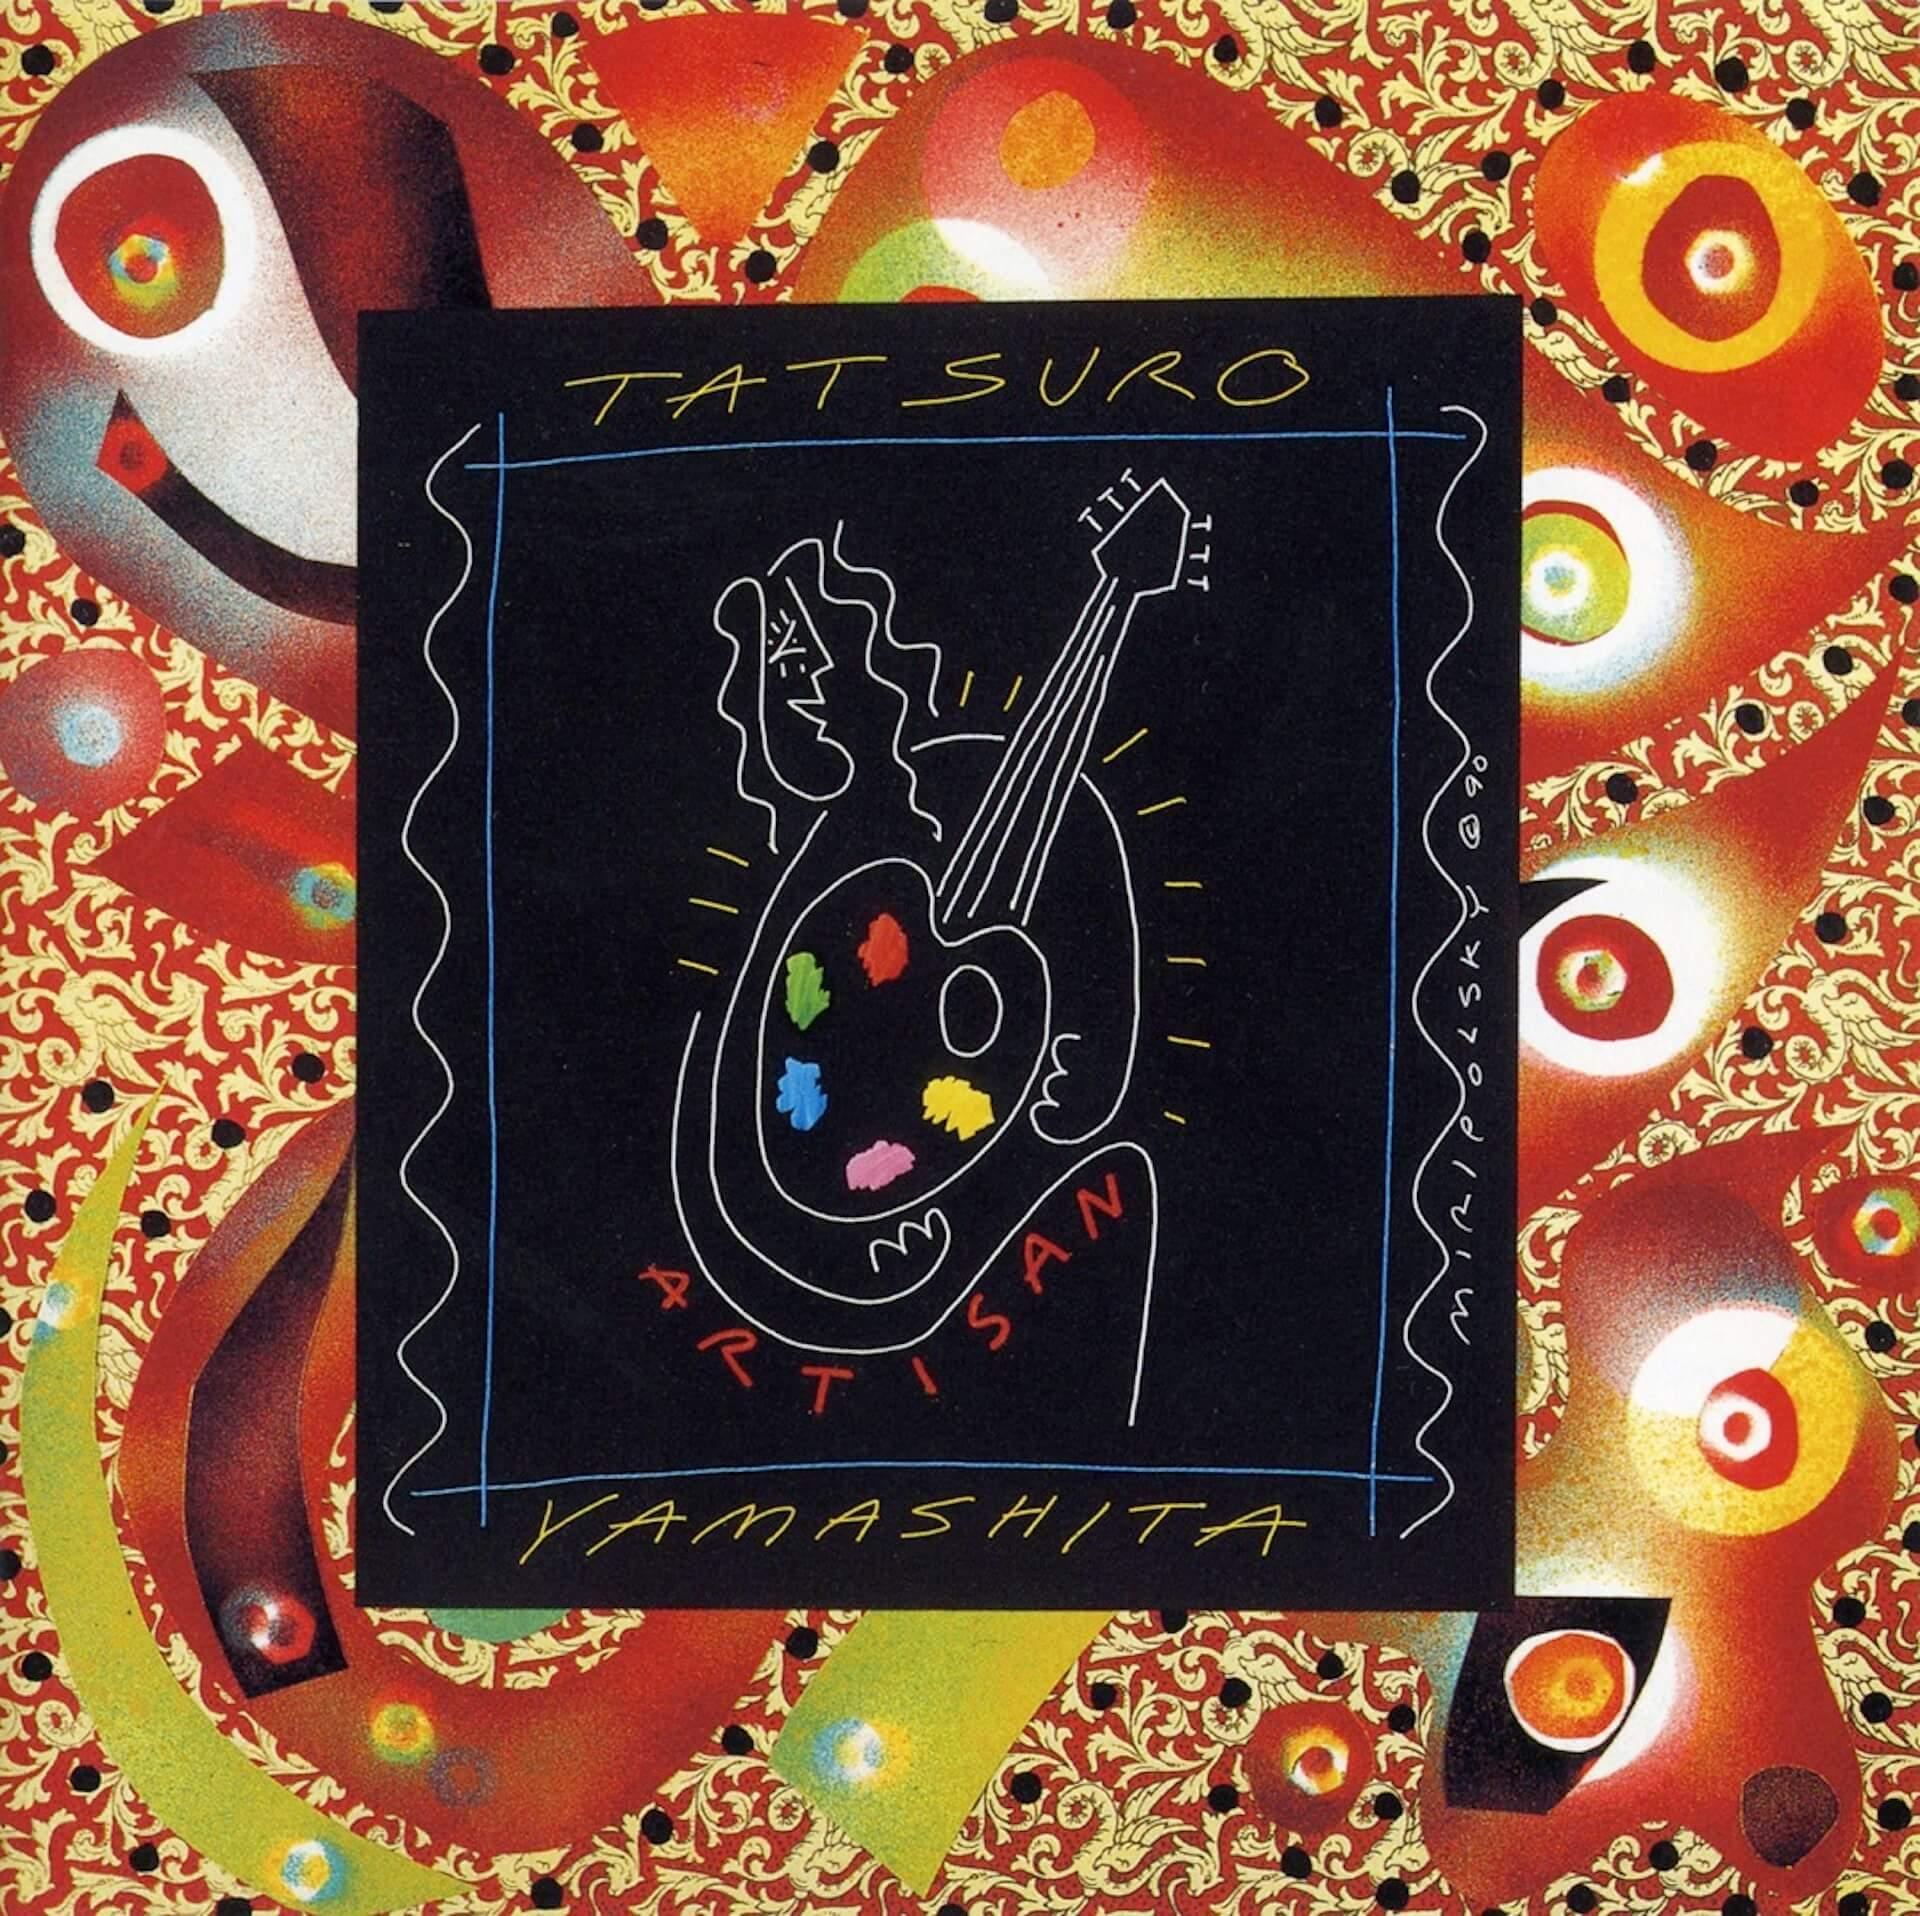 山下達郎の傑作『ARTISAN』が最新リマスター盤として発売決定!アナログレコードも初リリース music210607_yamashitatatsuro_1